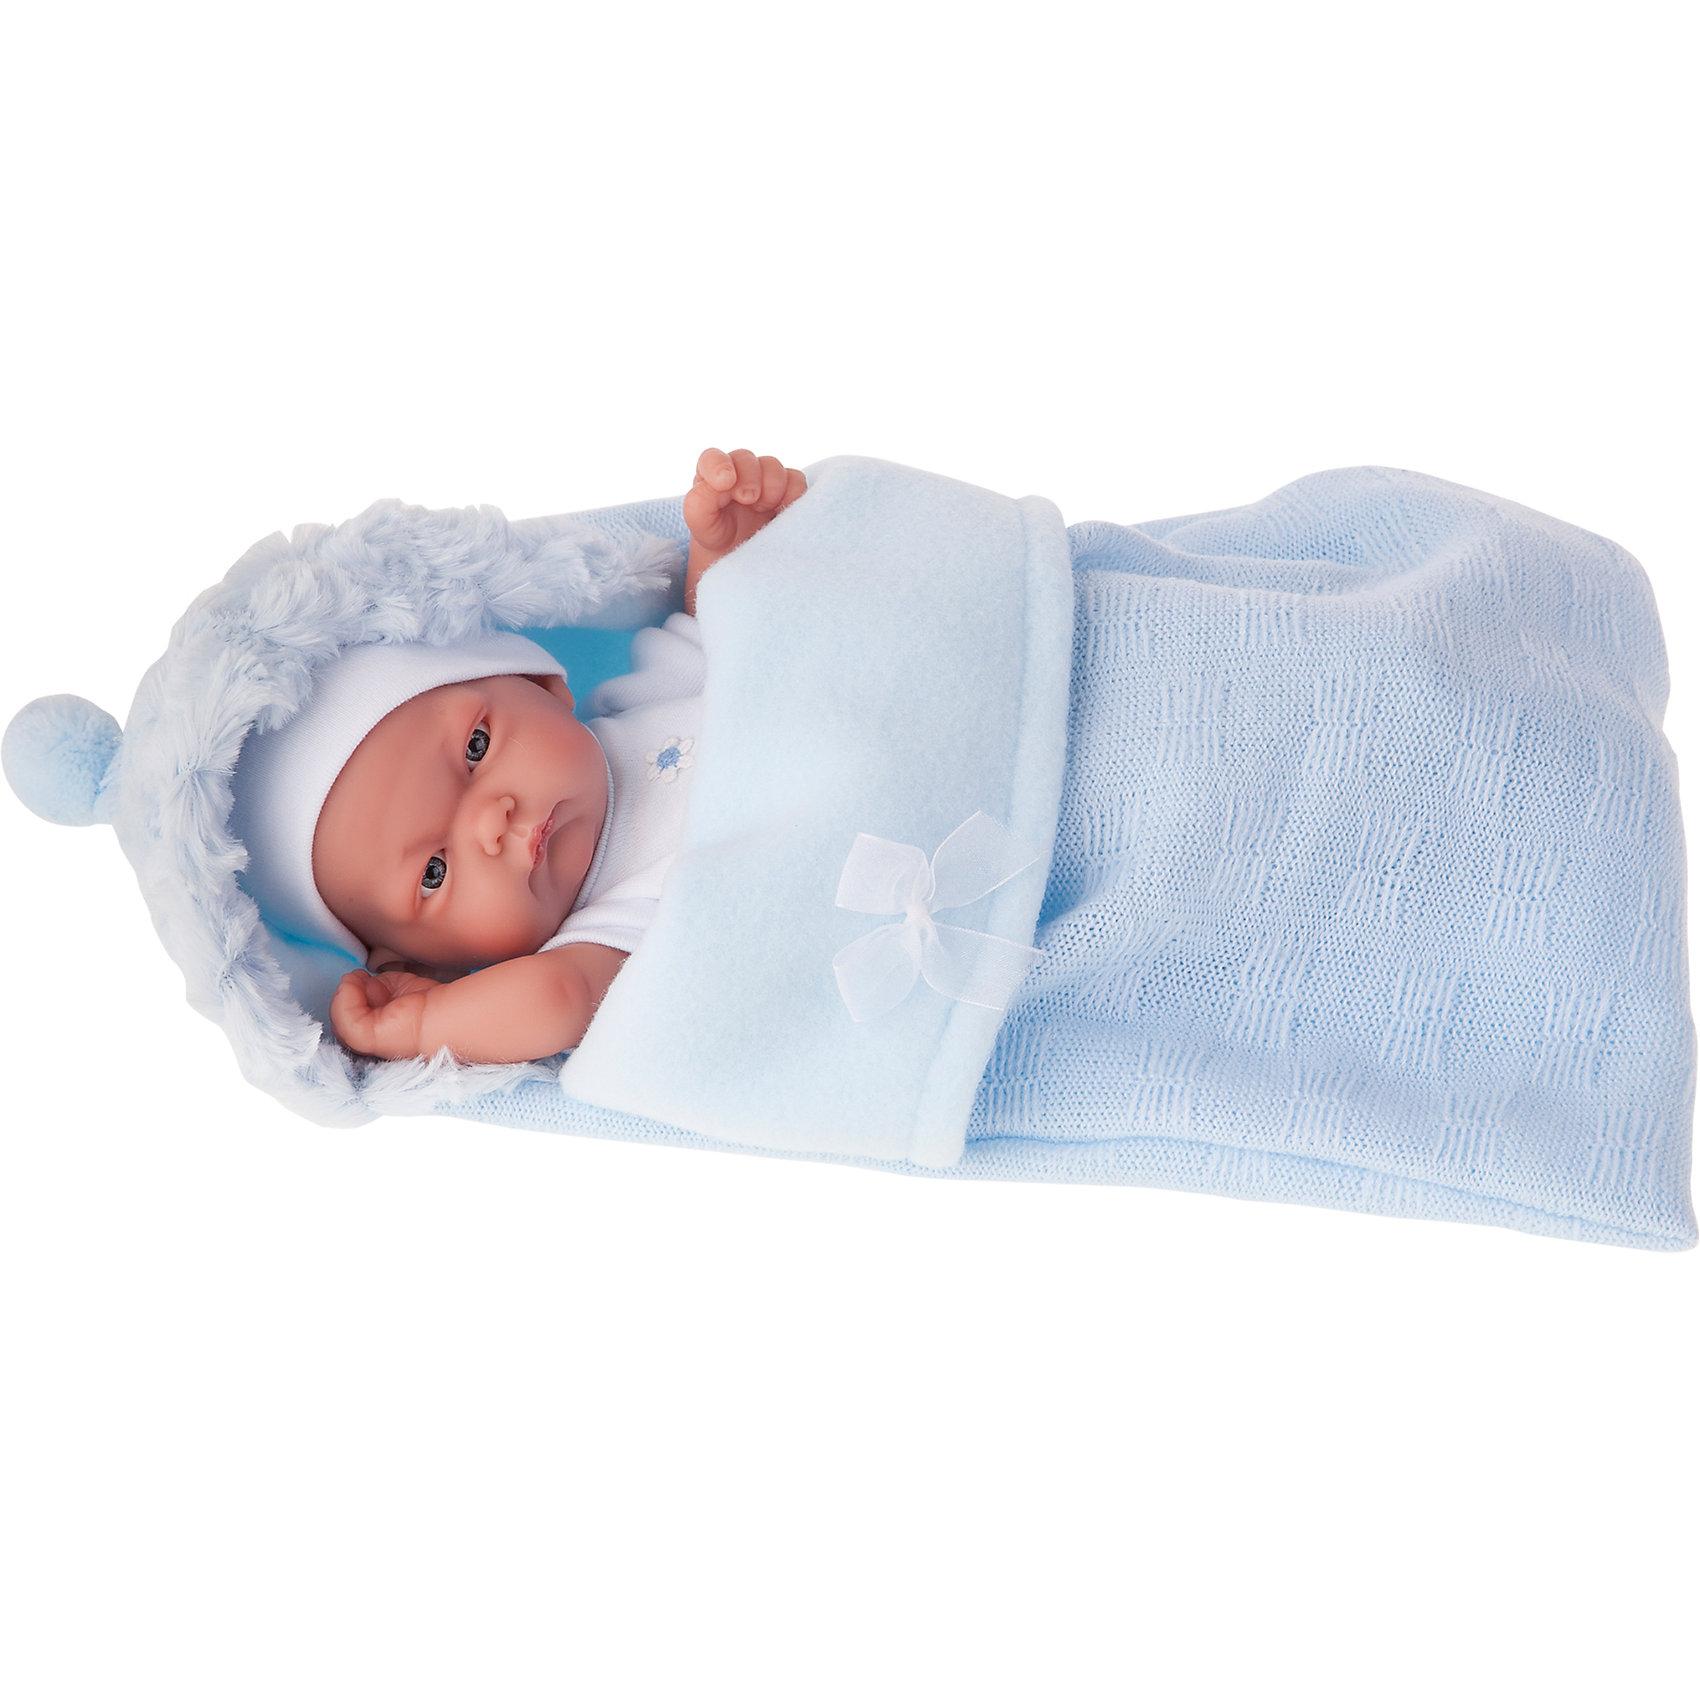 Кукла-младенец Карлос в конверте, голубой, 26 см, Munecas Antonio JuanКлассические куклы<br>Кукла-младенец Карлос в конверте, голубой, 26 см, Munecas Antonio Juan (Мунекас от Антонио Хуан) ? этот малыш от всемирно известного испанского бренда Мунекас от Антонио Хуан, который знаменит своими реалистичными куклами. Кукла изготовлена из винила высшего качества, ее тело ? полностью виниловое. Ручки и ножки подвижны, глазки не закрываются. <br>Карлос полностью имитирует новорожденного ребенка. Его серьезный сосредоточенный взгляд, чуть надутые губки и ручки, зажатые в кулачки, не оставят равнодушными ни одну девочку.<br>Кукла-младенец Карлос в конверте, голубой, 26 см, Munecas Antonio Juan (Мунекас от Антонио Хуан) разработана с учетом анатомических особенностей и мимики младенцев. Играя с куклой, ваш ребенок реалистично проживает роль «мамы», учится ухаживать за малышом, заботиться о нем.<br>В комплекте с Карлосом имеется приданное для новорожденного: белый костюмчик с голубыми шортиками в горошек, мягкая пеленочка, нагрудник для кормления и теплый голубой конверт для прогулок. Особое удовольствие вашей дочери доставит купание Карлоса.<br>Куклы JUAN ANTONIO munecas (Мунекас от Антонио Хуан) ? мечта девочки любого возраста!<br><br>Дополнительная информация:<br><br>- Вид игр: сюжетно-ролевые игры <br>- Материал: кукла полностью виниловая<br>- Комплектация: пеленка, костюмчик, конверт, нагрудник, чепчик <br>- Высота куклы: 26 см<br>- Вес: 2 кг 680 г<br>- Особенности ухода: одежда ? ручная стирка, куклу можно купать <br><br>Подробнее:<br><br>• Для детей в возрасте: от 3 лет и до 6 лет<br>• Страна производитель: Испания<br>• Торговый бренд: JUAN ANTONIO munecas <br><br>Куклу-младенца Карлос в конверте, голубого, 26 см, Munecas Antonio Juan (Мунекас от Антонио Хуан) можно купить в нашем интернет-магазине.<br><br>Ширина мм: 350<br>Глубина мм: 200<br>Высота мм: 125<br>Вес г: 2680<br>Возраст от месяцев: 36<br>Возраст до месяцев: 72<br>Пол: Женский<br>Возраст: Детский<br>SKU: 479